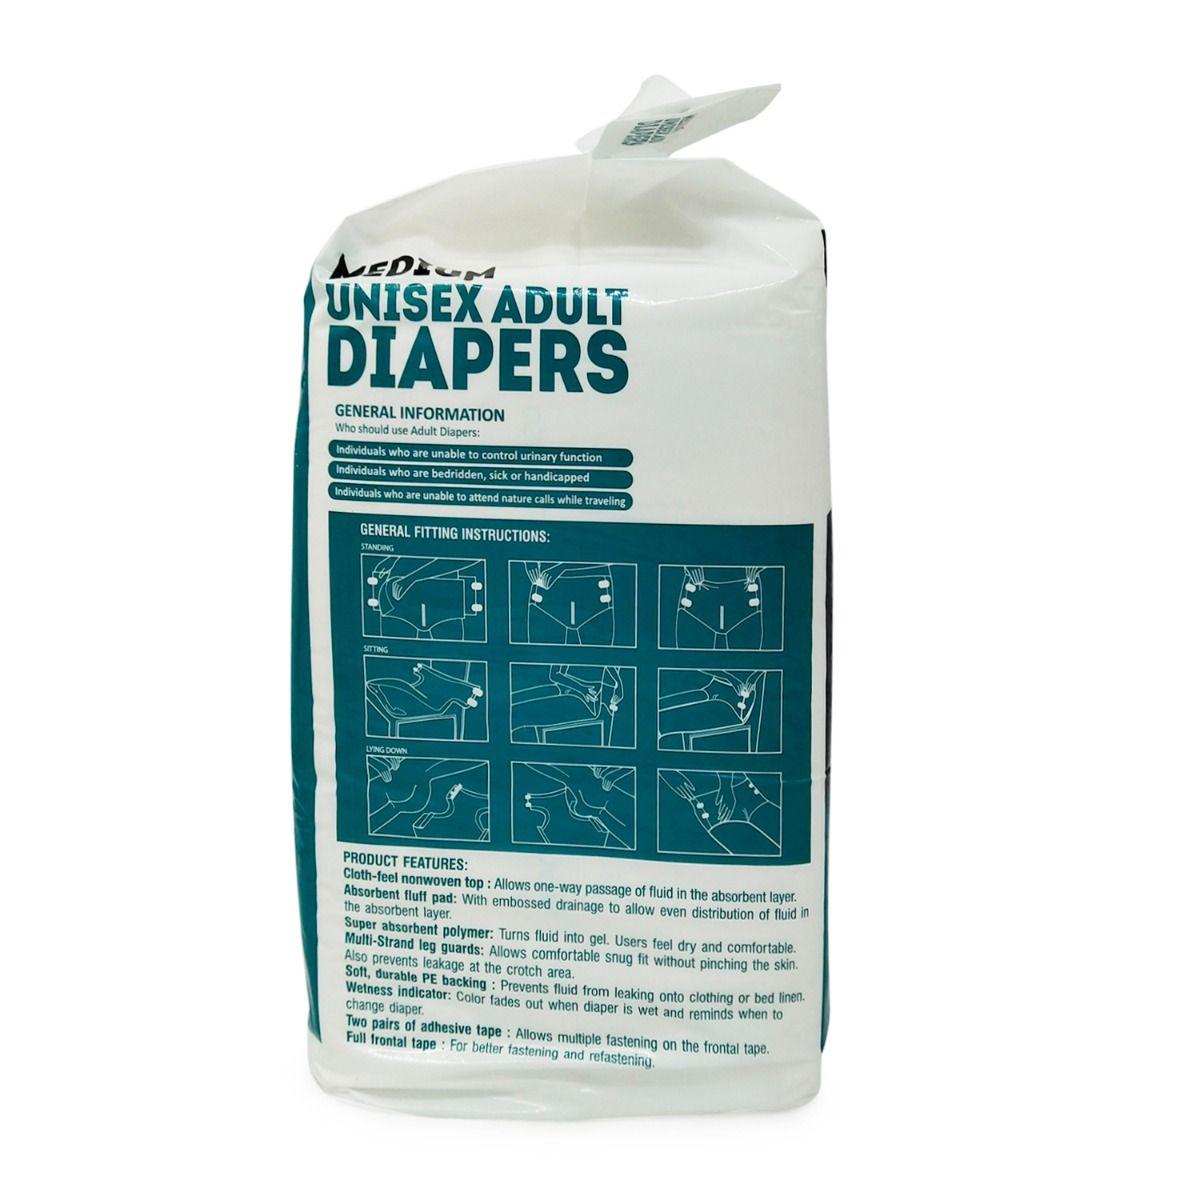 Apollo Life Unisex Adult Diapers Medium, 10 Count, Pack of 1